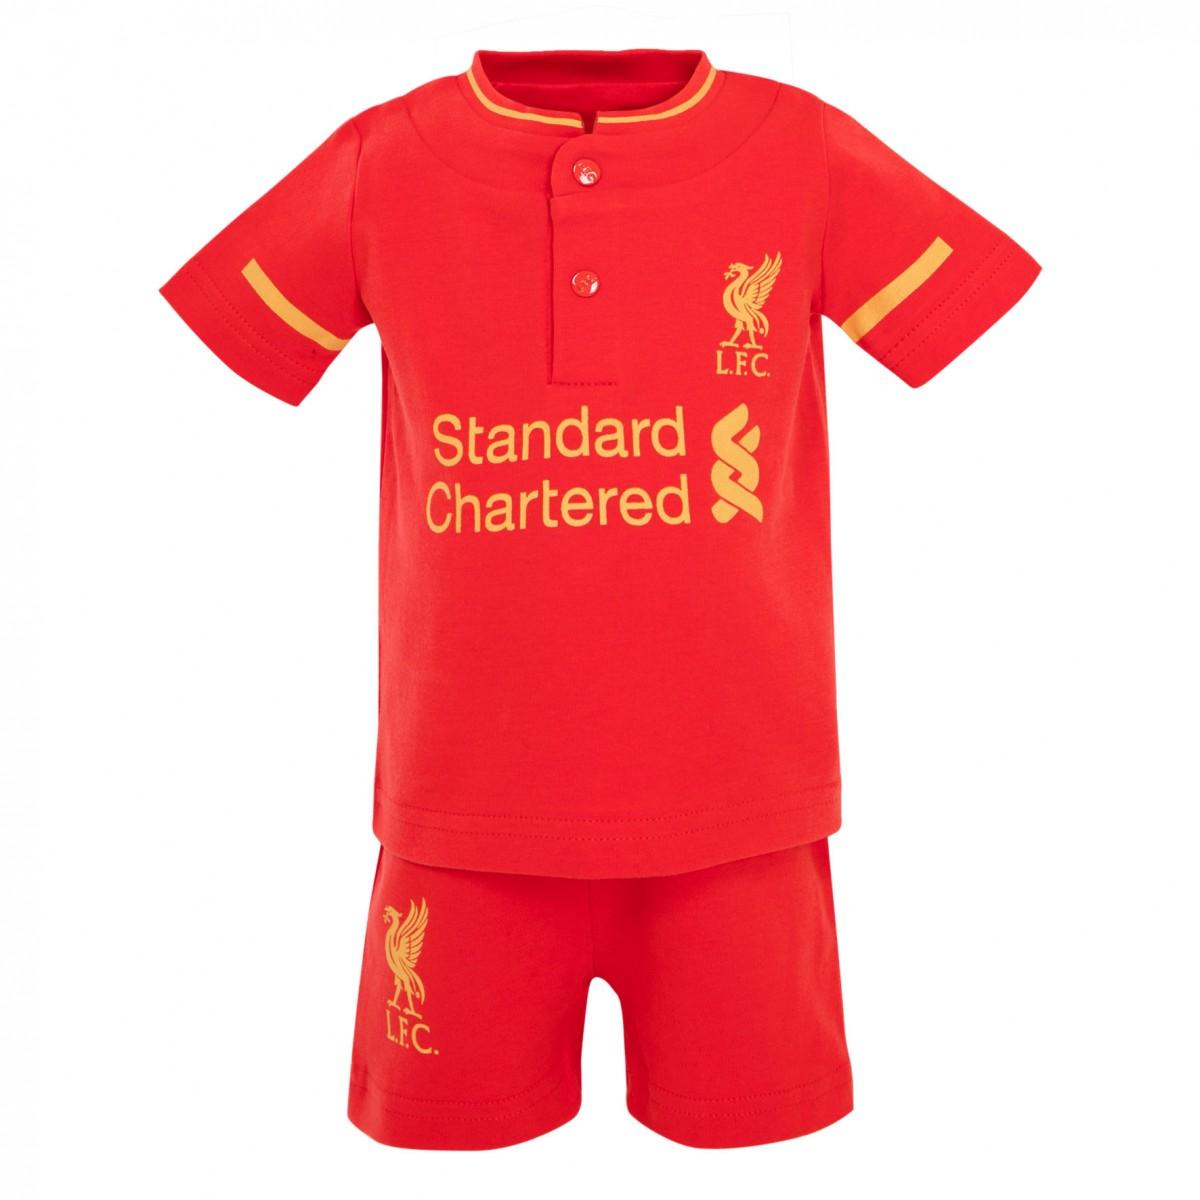 เสื้อลิเวอร์พูลเด็กอ่อนของแท้ Home Kit Tee and Shorts Set 16/17